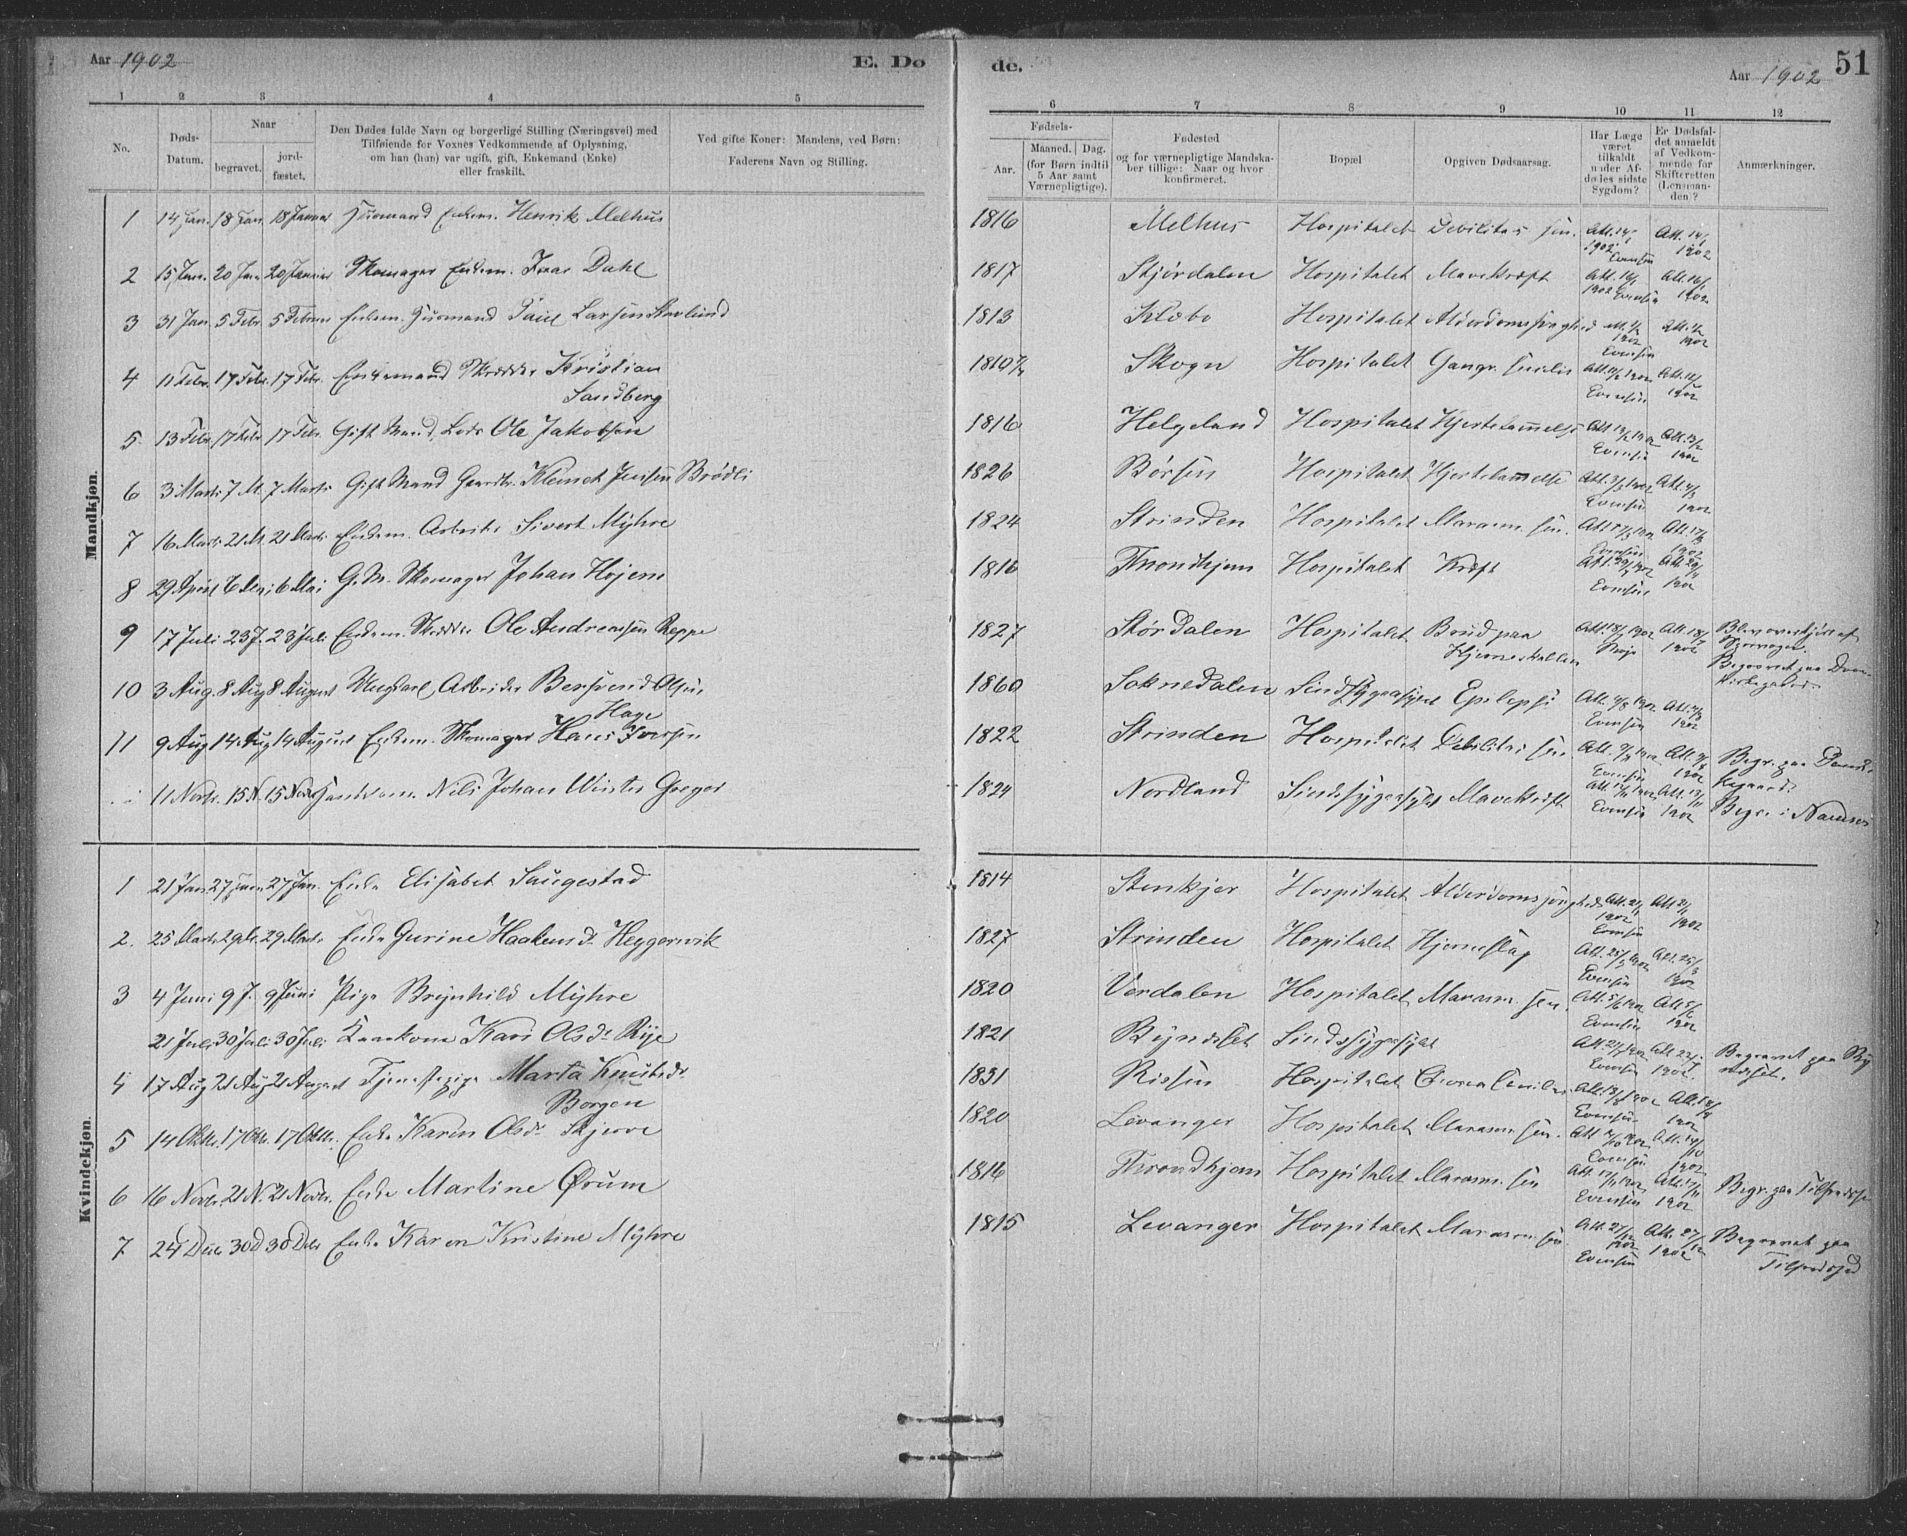 SAT, Ministerialprotokoller, klokkerbøker og fødselsregistre - Sør-Trøndelag, 623/L0470: Ministerialbok nr. 623A04, 1884-1938, s. 51